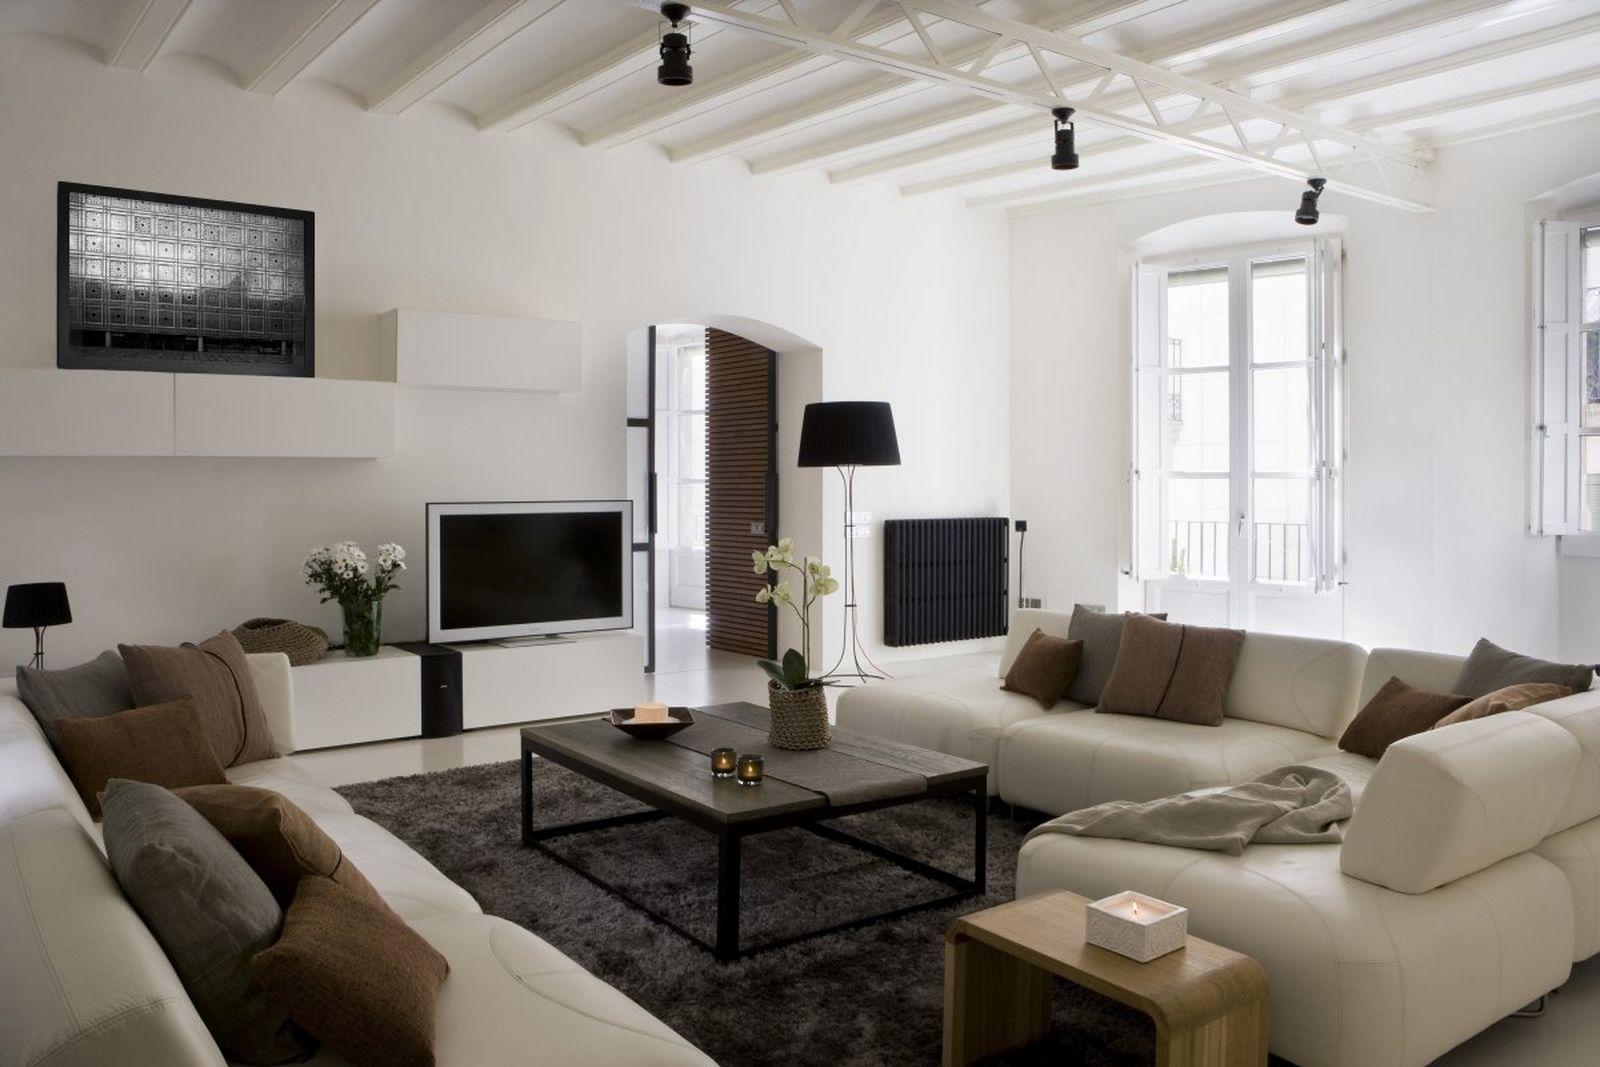 Несмотря на высокие потолки эта комната выглядит уютной